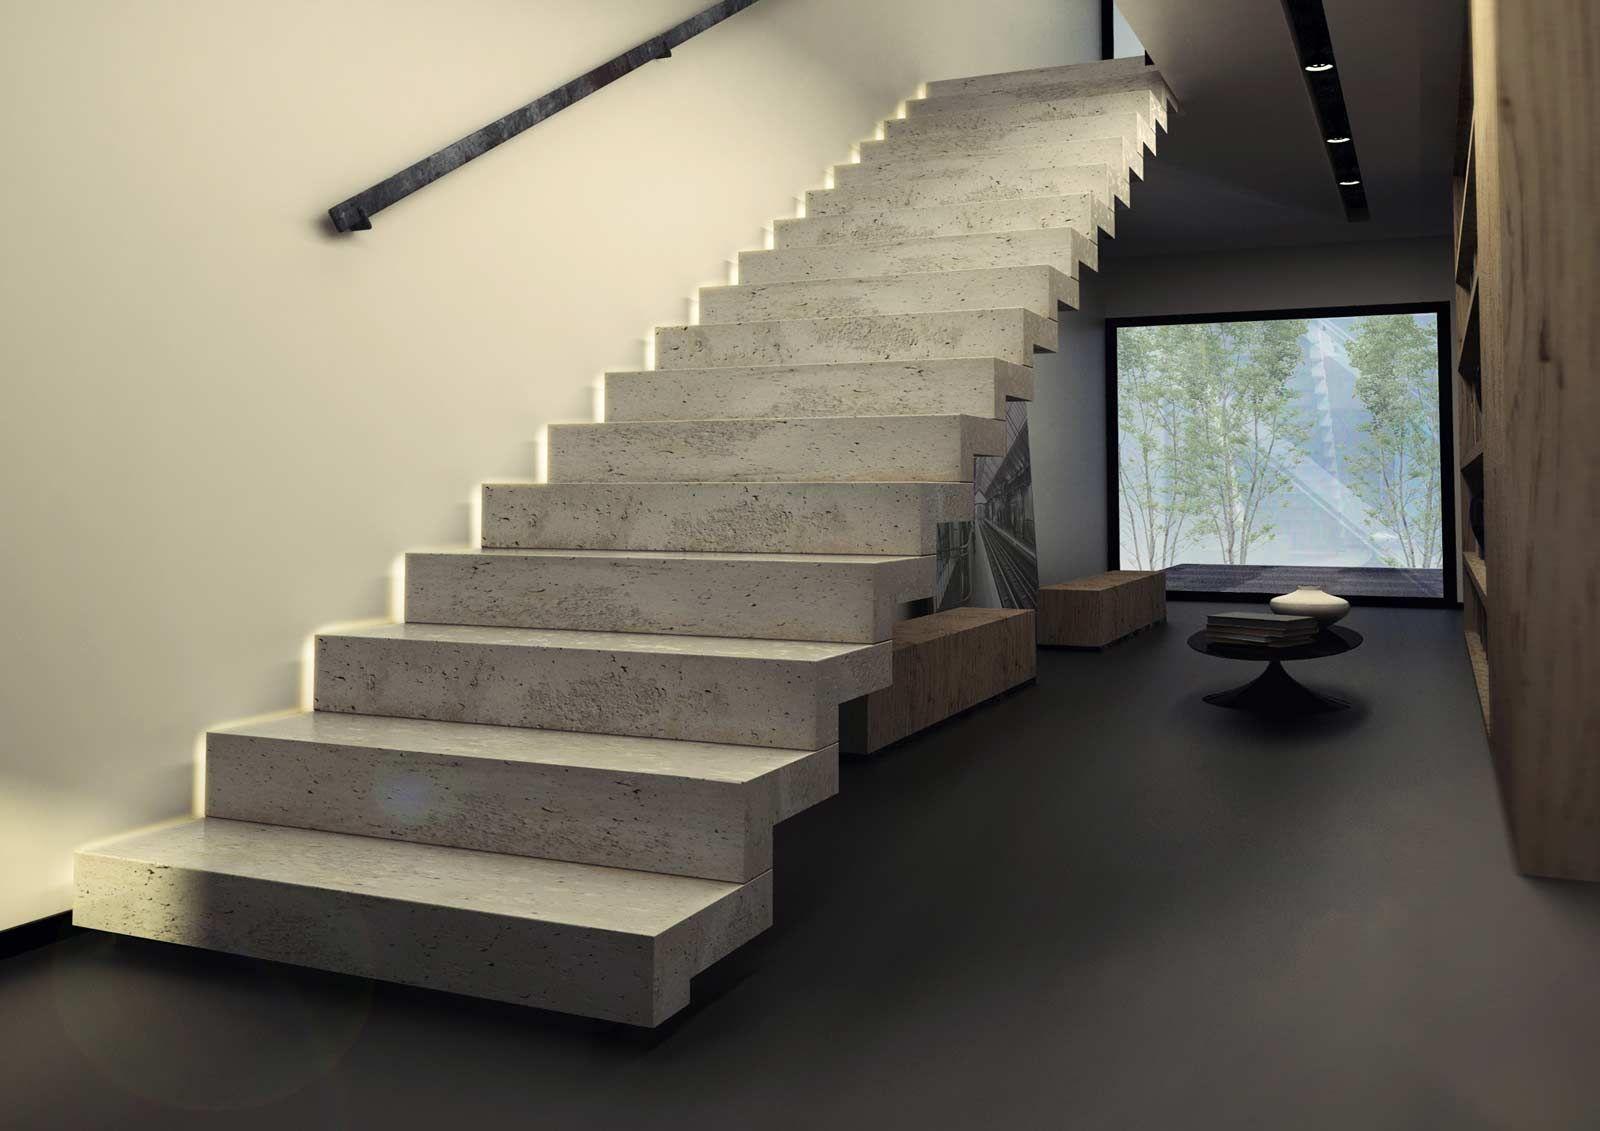 Escalier En Beton Mit Bildern Sichtbeton Treppe Beton Design